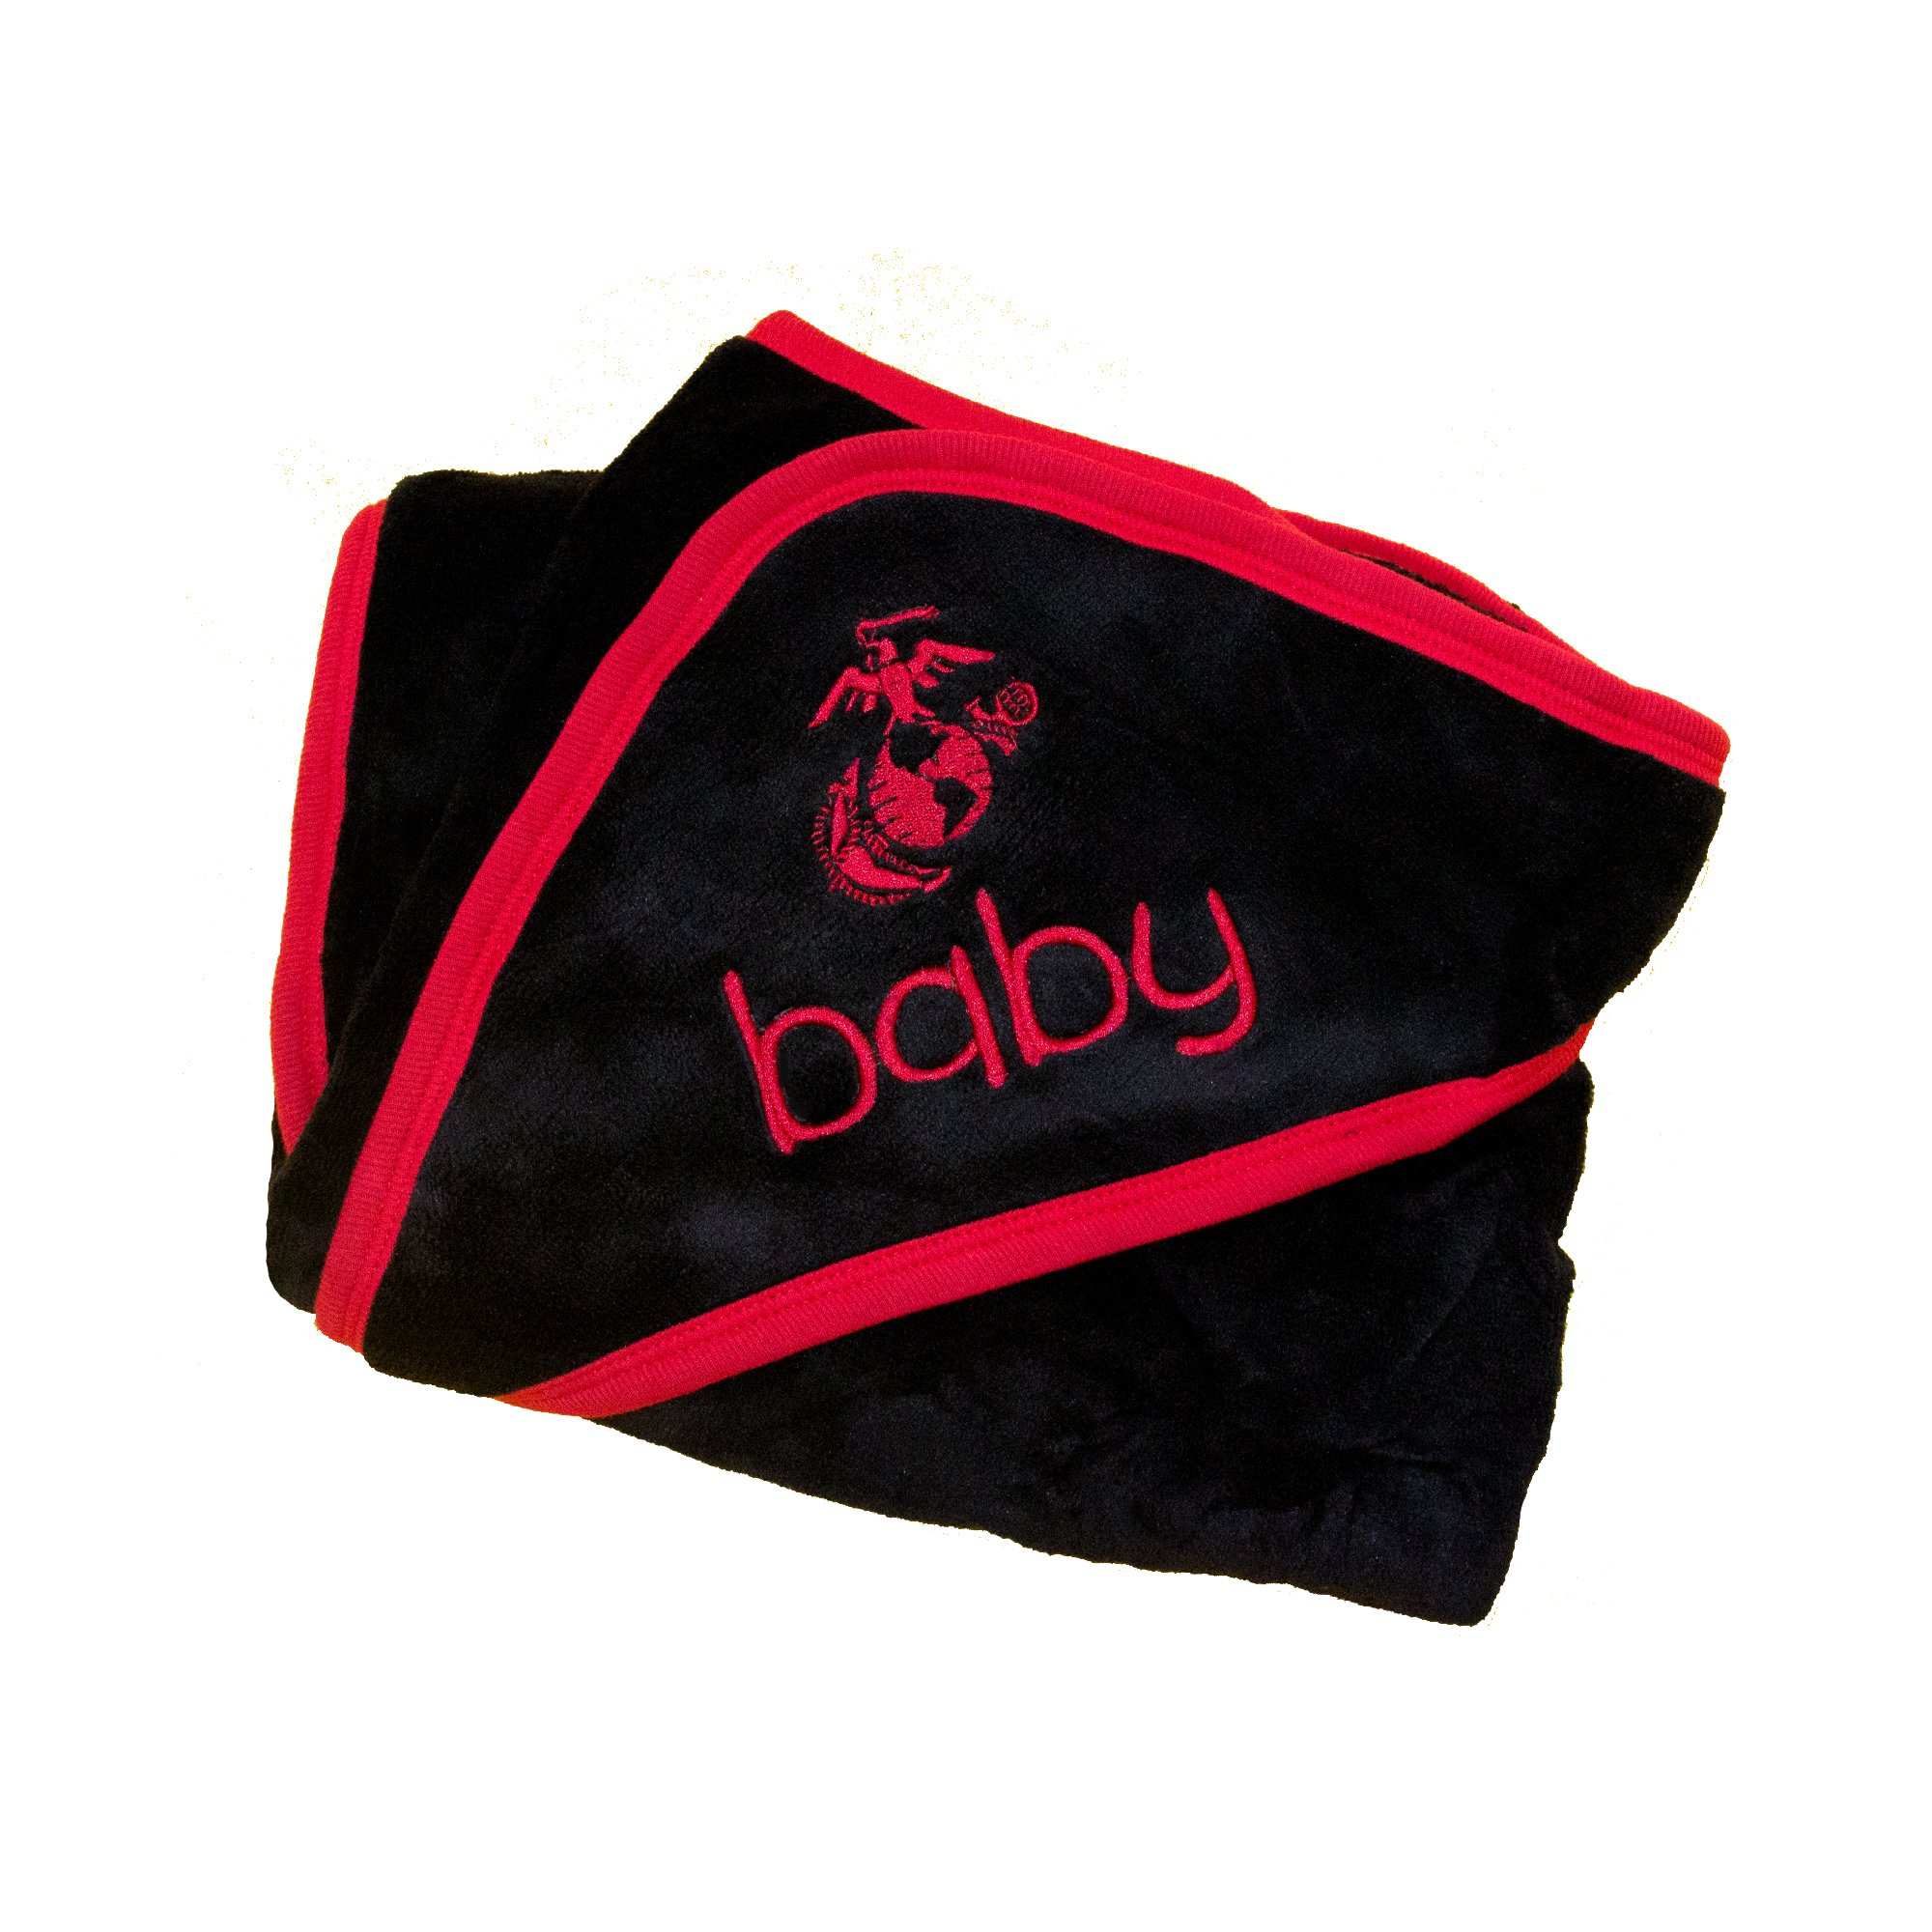 United States Marine Corps Plush Fleece EGA Logo Baby Blanket